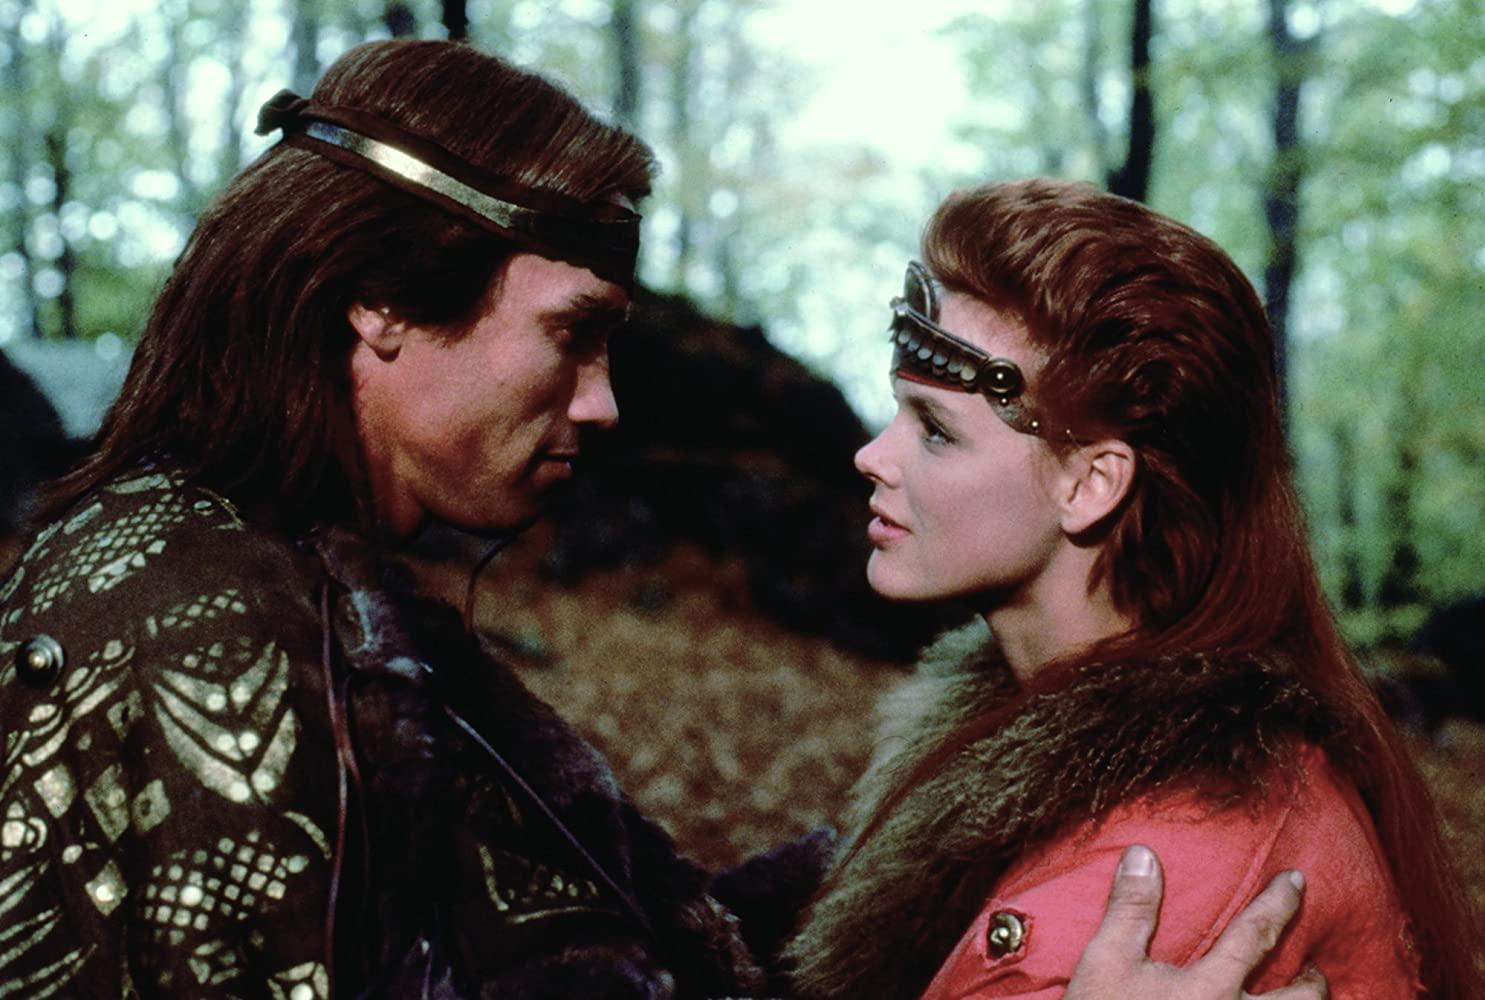 """Brigitte Nielsen amante di Schwarzenegger: """"Volevamo provare tutto a letto e lo abbiamo fatto. Non avevamo restrizioni"""""""